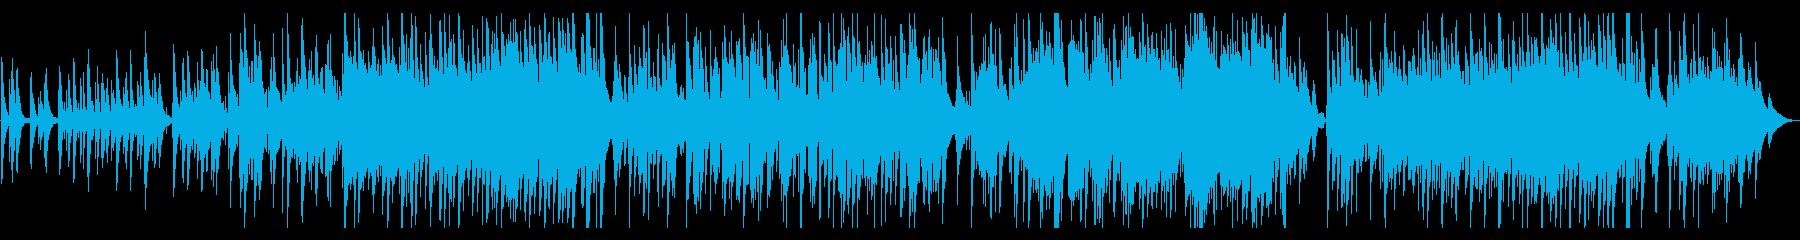 きよしこの夜ジャズトリオ編成 ピアノメイの再生済みの波形